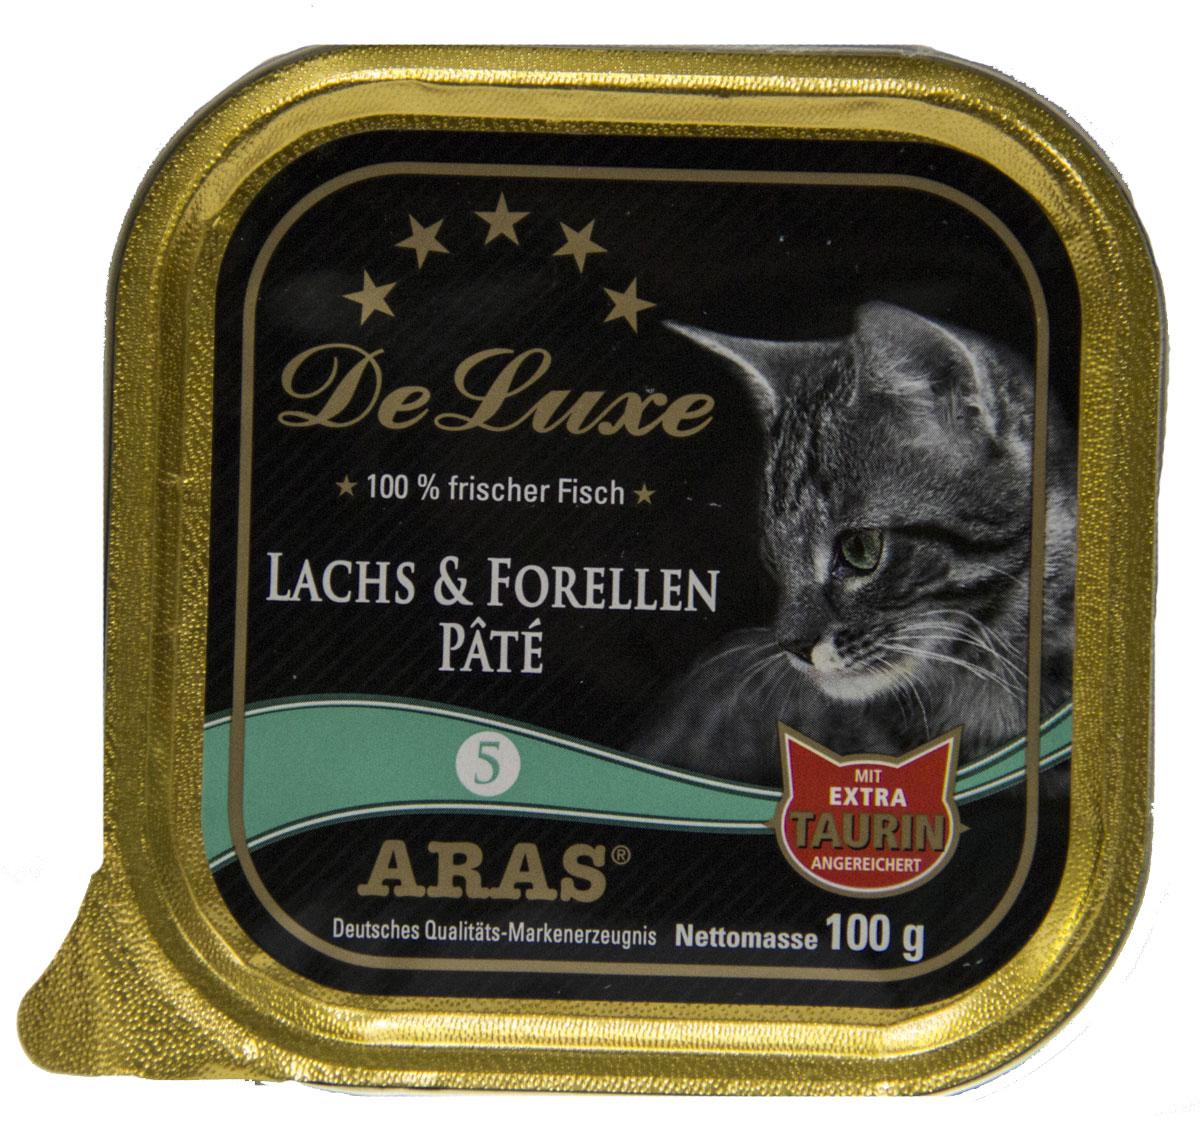 Консервы для кошек Aras Premium DeLuxe, паштет с семгой и форелью, 100 г503105Консервы для кошек Aras Premium DeLuxe - корм для самых привередливых кошек, сочетающий в себе высокое качество ингредиентов, жизненно важные питательные вещества, а также превосходный вкус. Корм произведен в Германии по специальной технологии, схожей с технологией Sous Vide, из продуктов, пригодных в пищу человека. При изготовлении сохраняются все натуральные витамины и минералы. Это достигается благодаря бережной обработке всех ингредиентов при температуре менее 80°С. Такая бережная обработка продуктов не стерилизует продуктовые компоненты. Благодаря этому корма не нуждаются ни в каких дополнительных вкусовых добавках и сохраняют все необходимые полезные вещества. Особенности корма Aras Premium DeLuxe: - изготовлен из 100% свежего мяса; - без химических красителей, усилителей вкуса, искусственных консервантов и химических добавок; - из 100% свежих ингредиентов: мясо, овощи и зерновые; - сохранение натуральных...